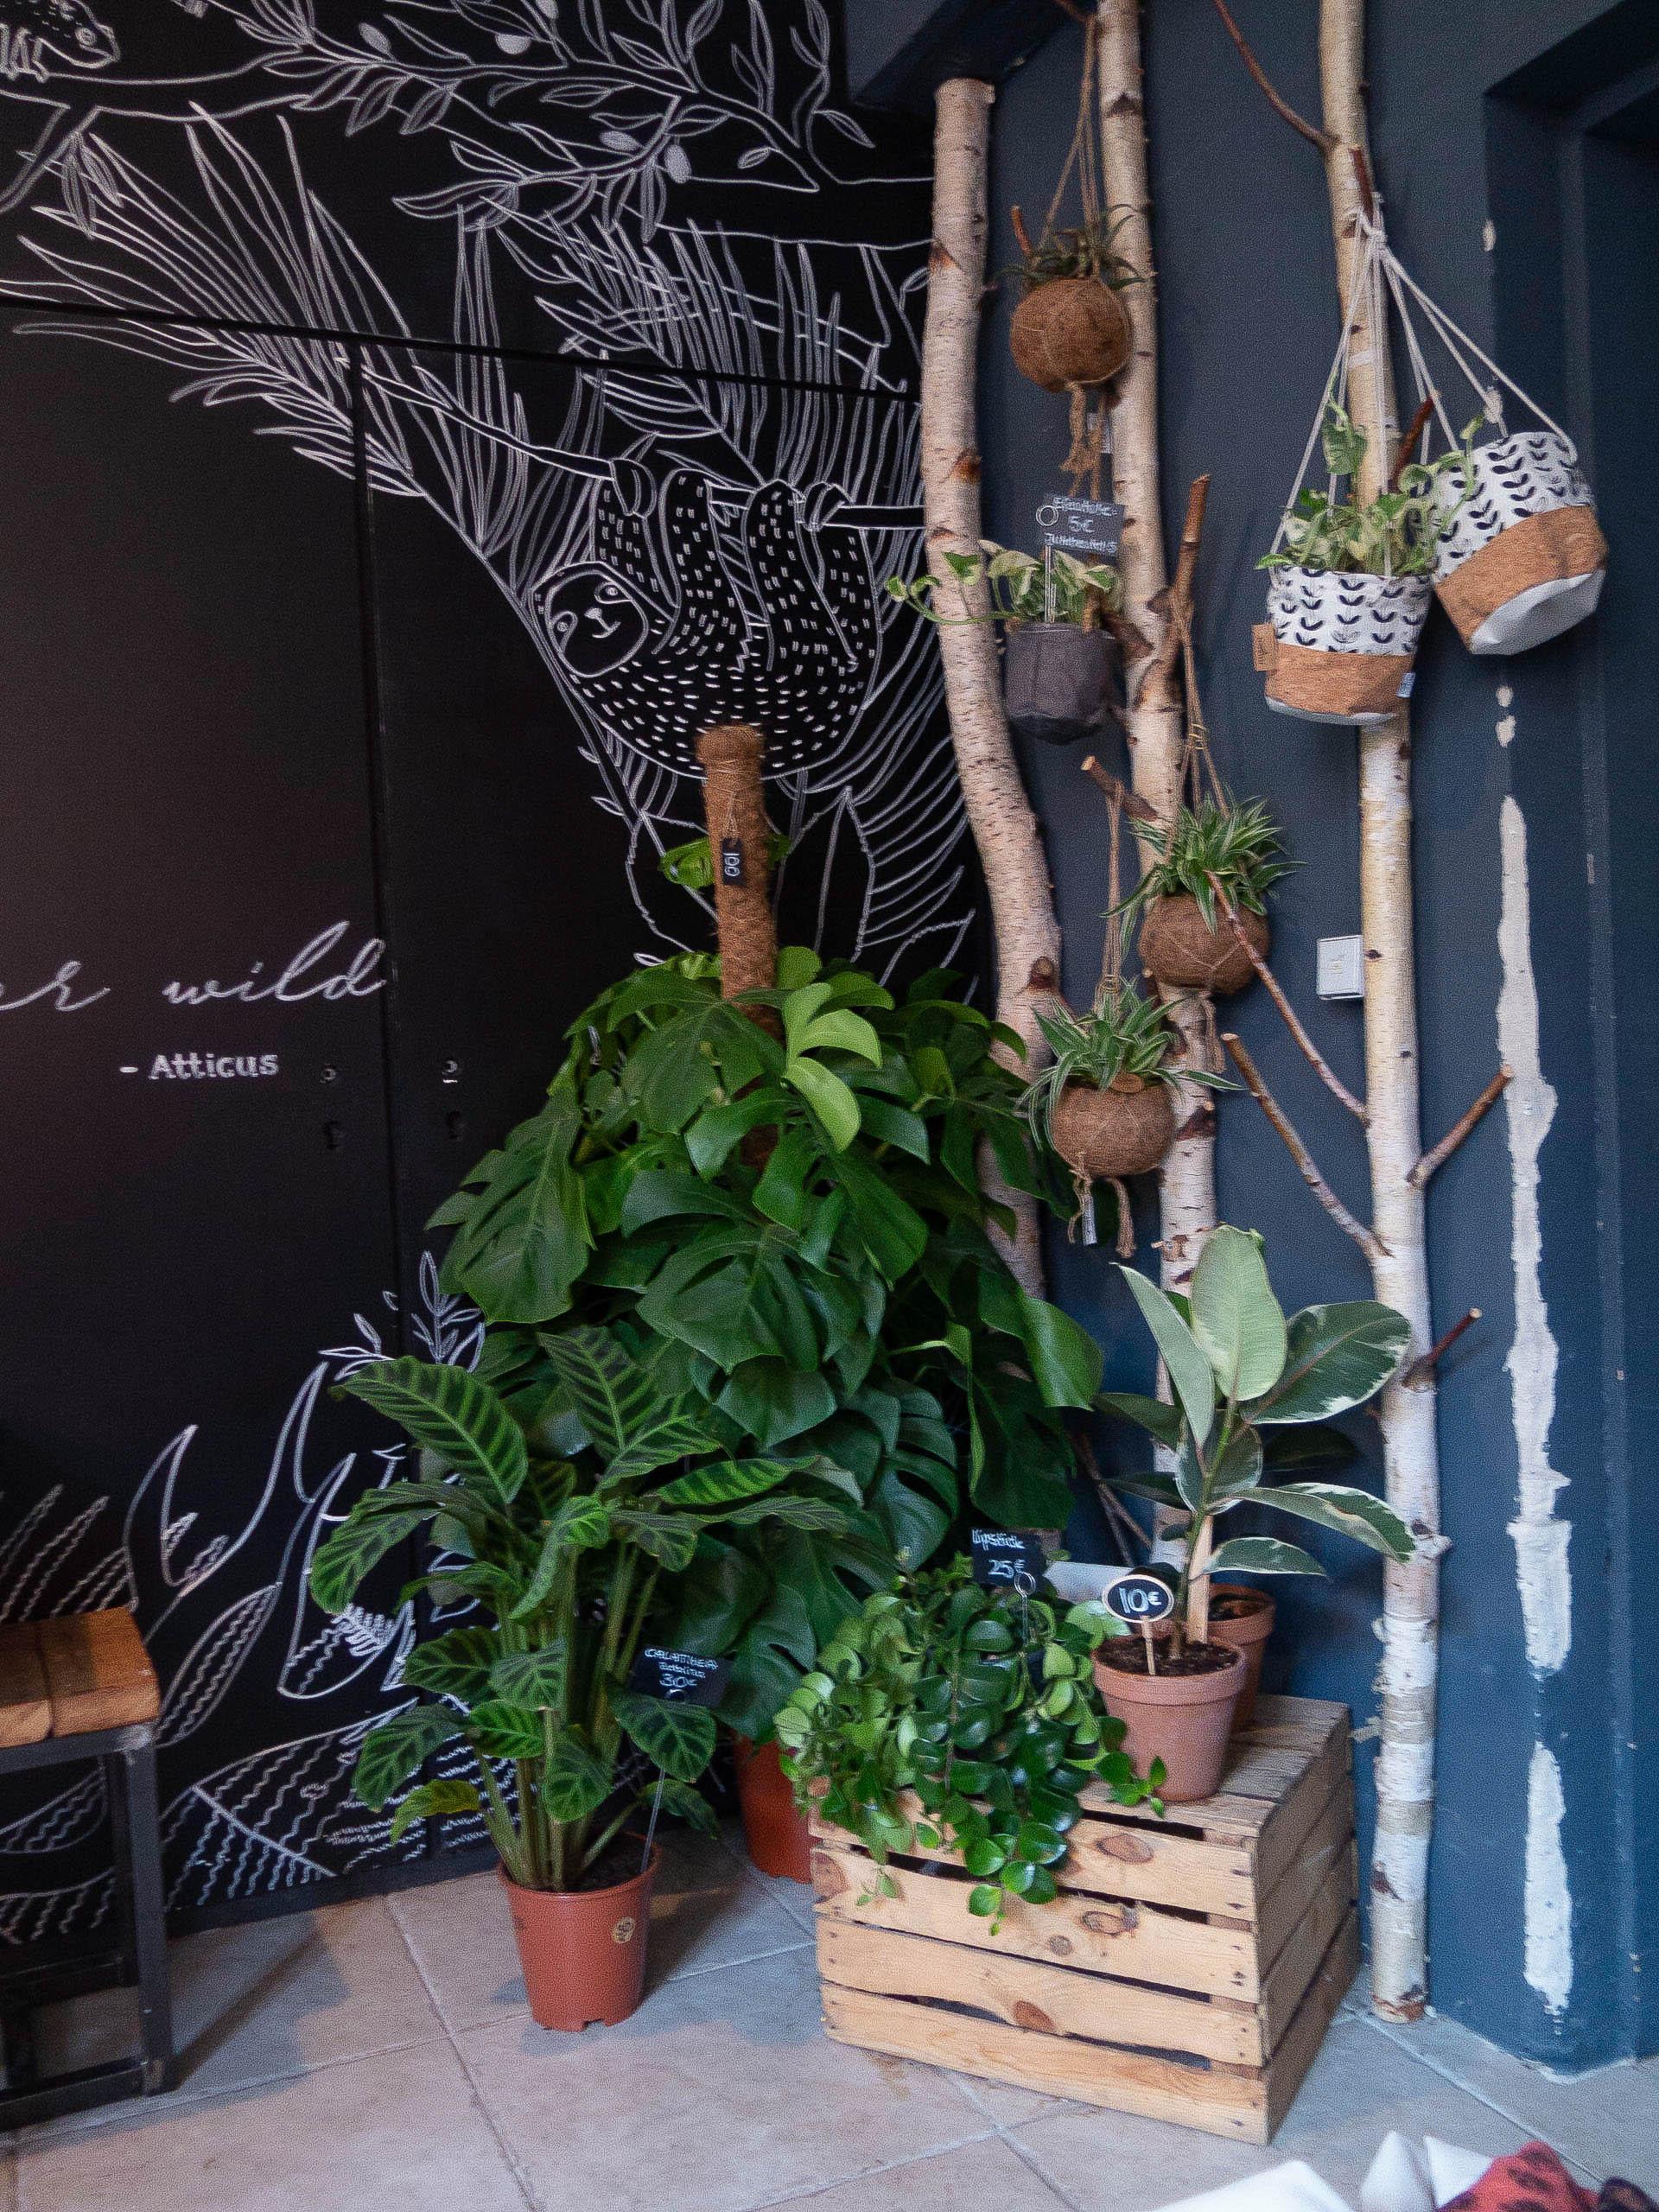 Grüne Pflanzen gegen dunkelblaue Mauer, auf eine Holzkiste